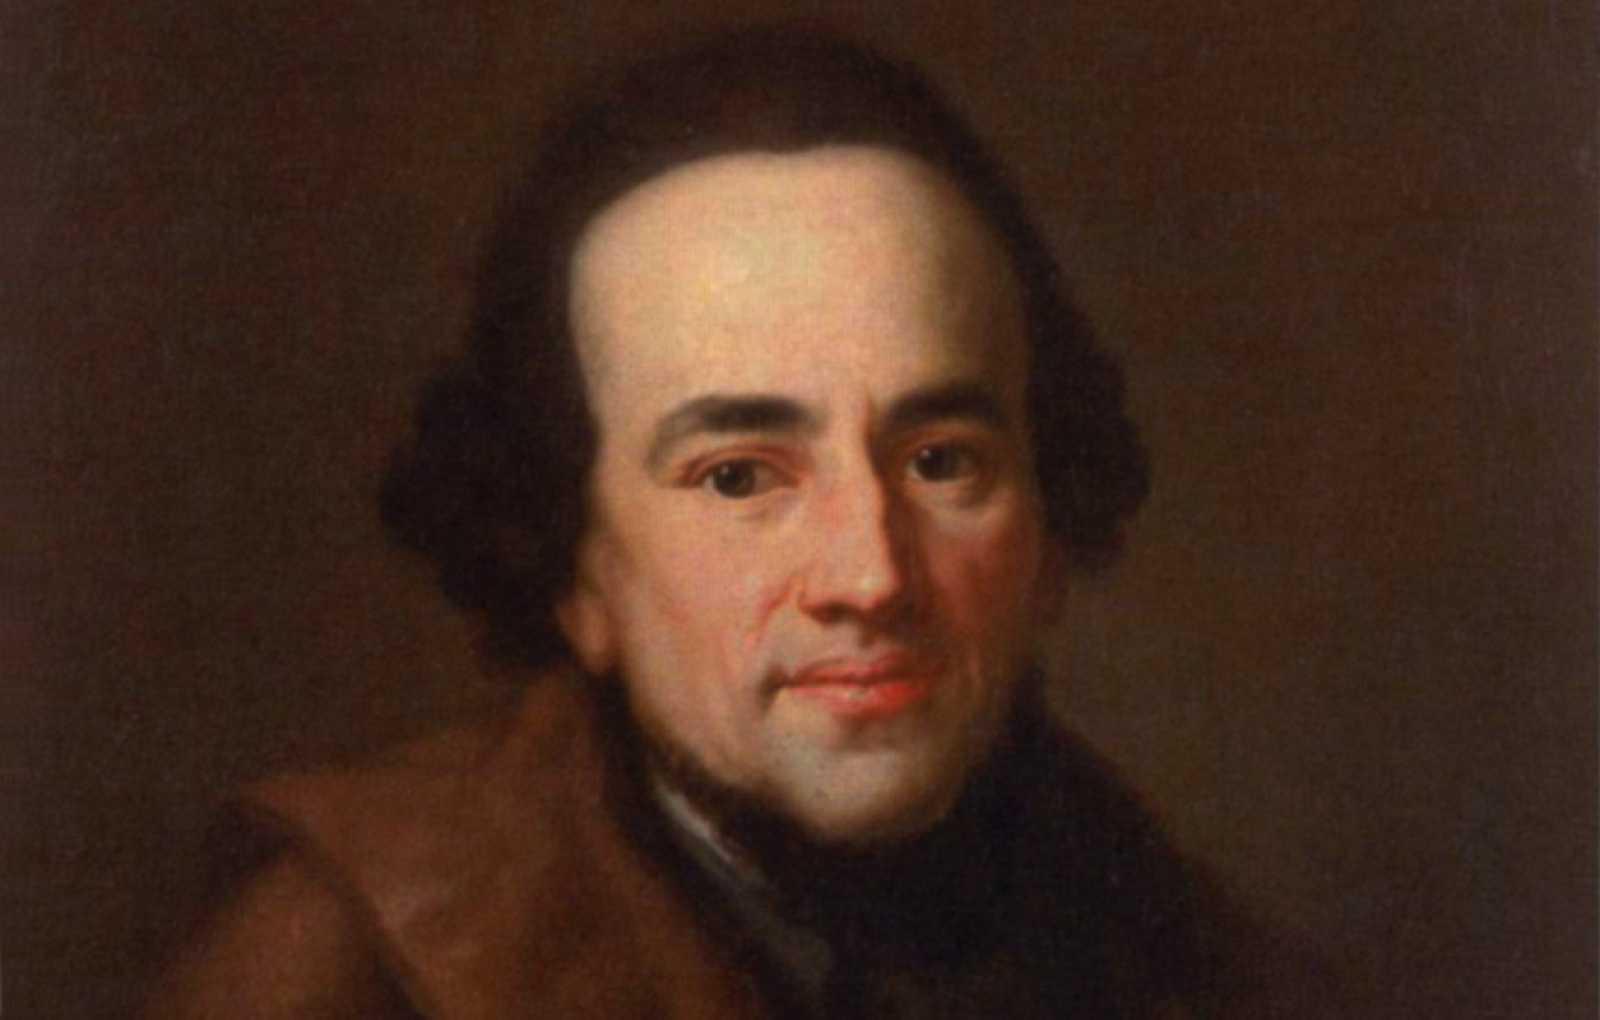 Preguntas a la Historia - ¿Quién fue Moses Mendelssohn? - 22/03/21 - Escuchar ahora